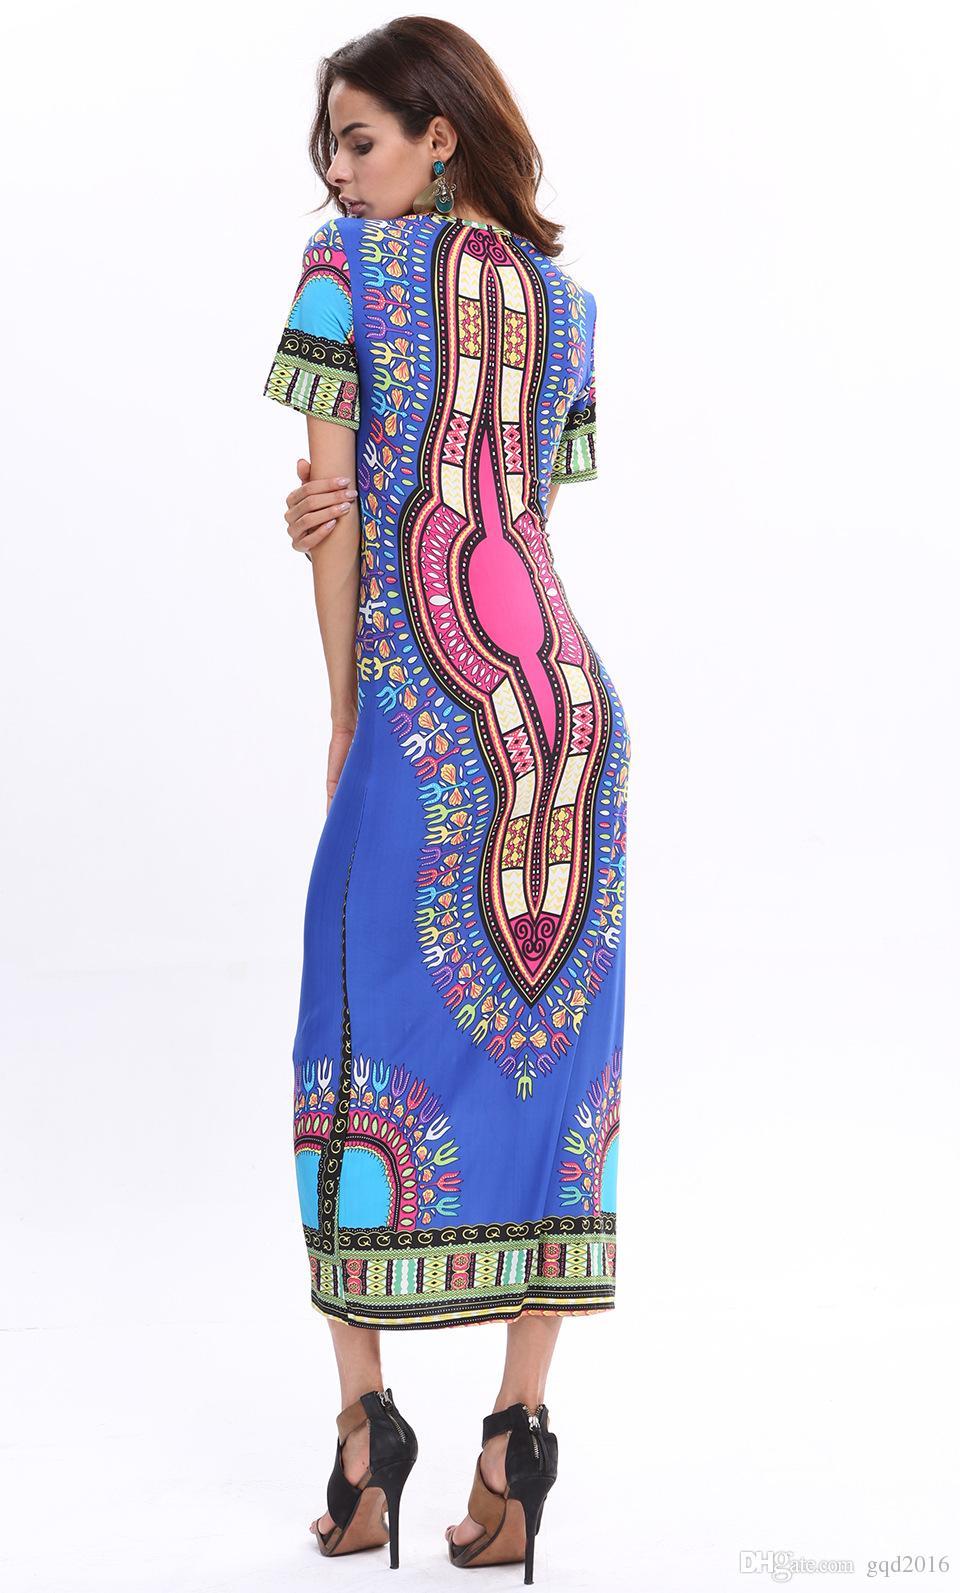 2016 Summer Women Casual Sexy Dress Women High Slit Dress Sundress ...